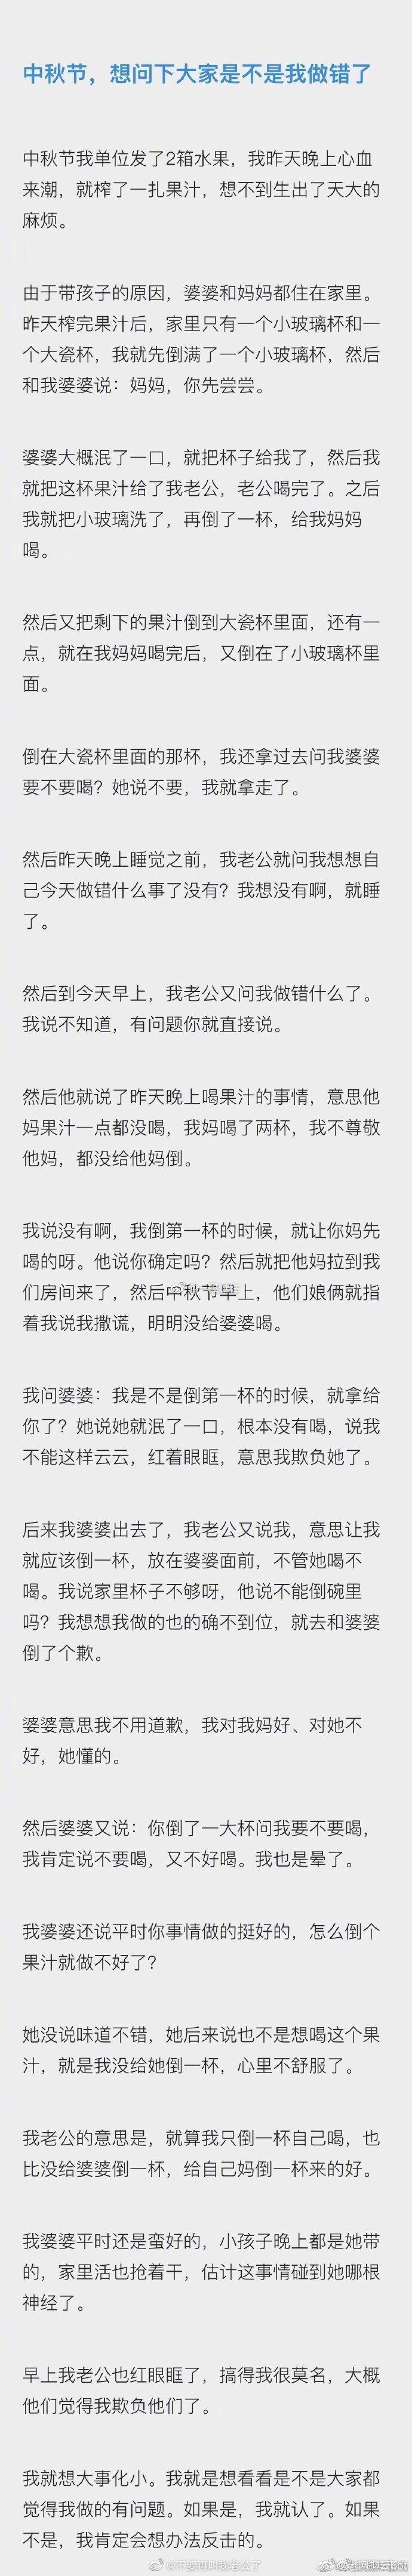 情感语录-中秋节时,我因为一杯果汁被老公和婆婆指责...